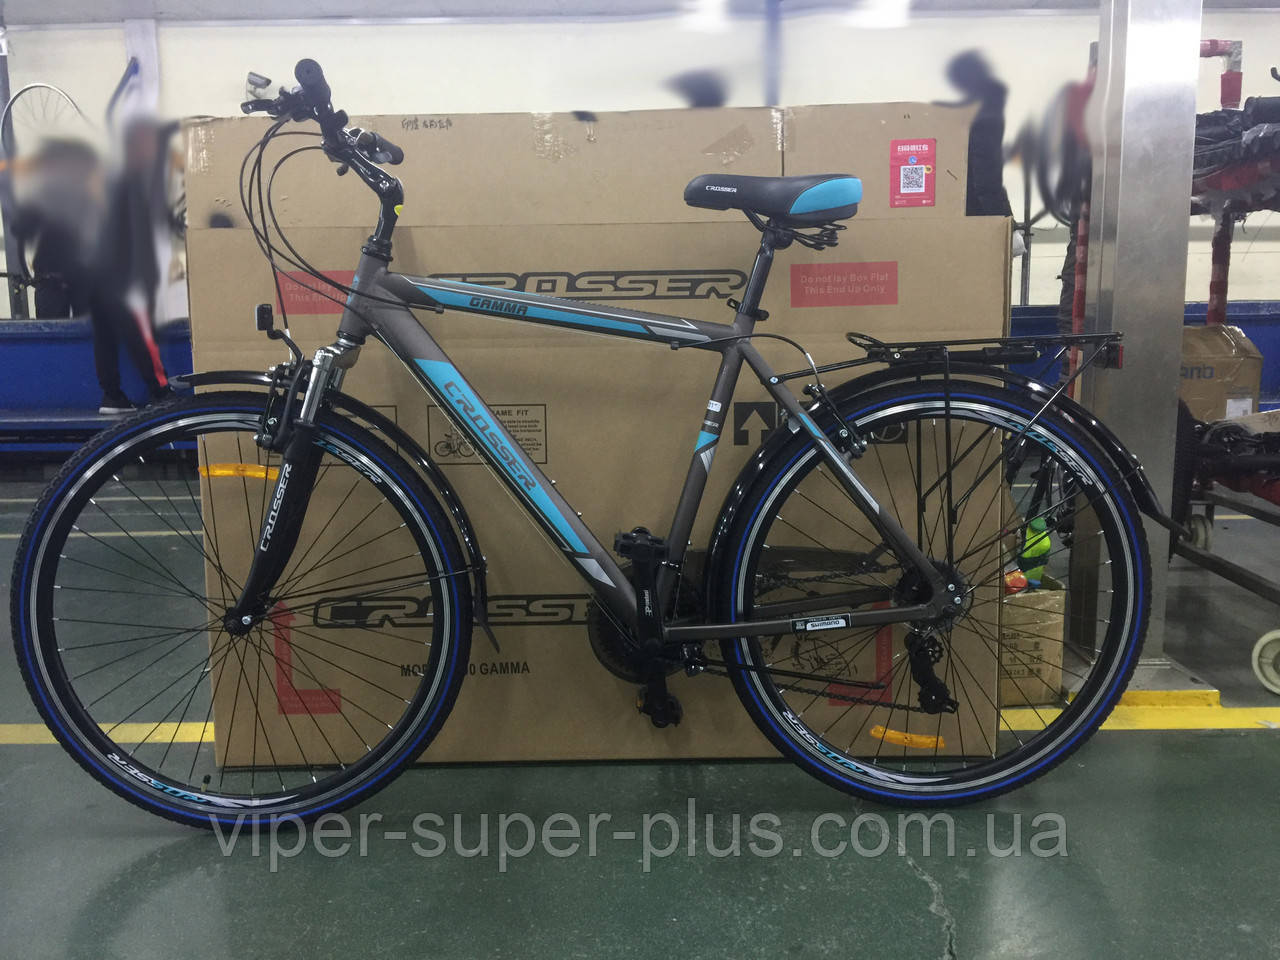 Городской велосипед Crosser Gamma 28 Серый